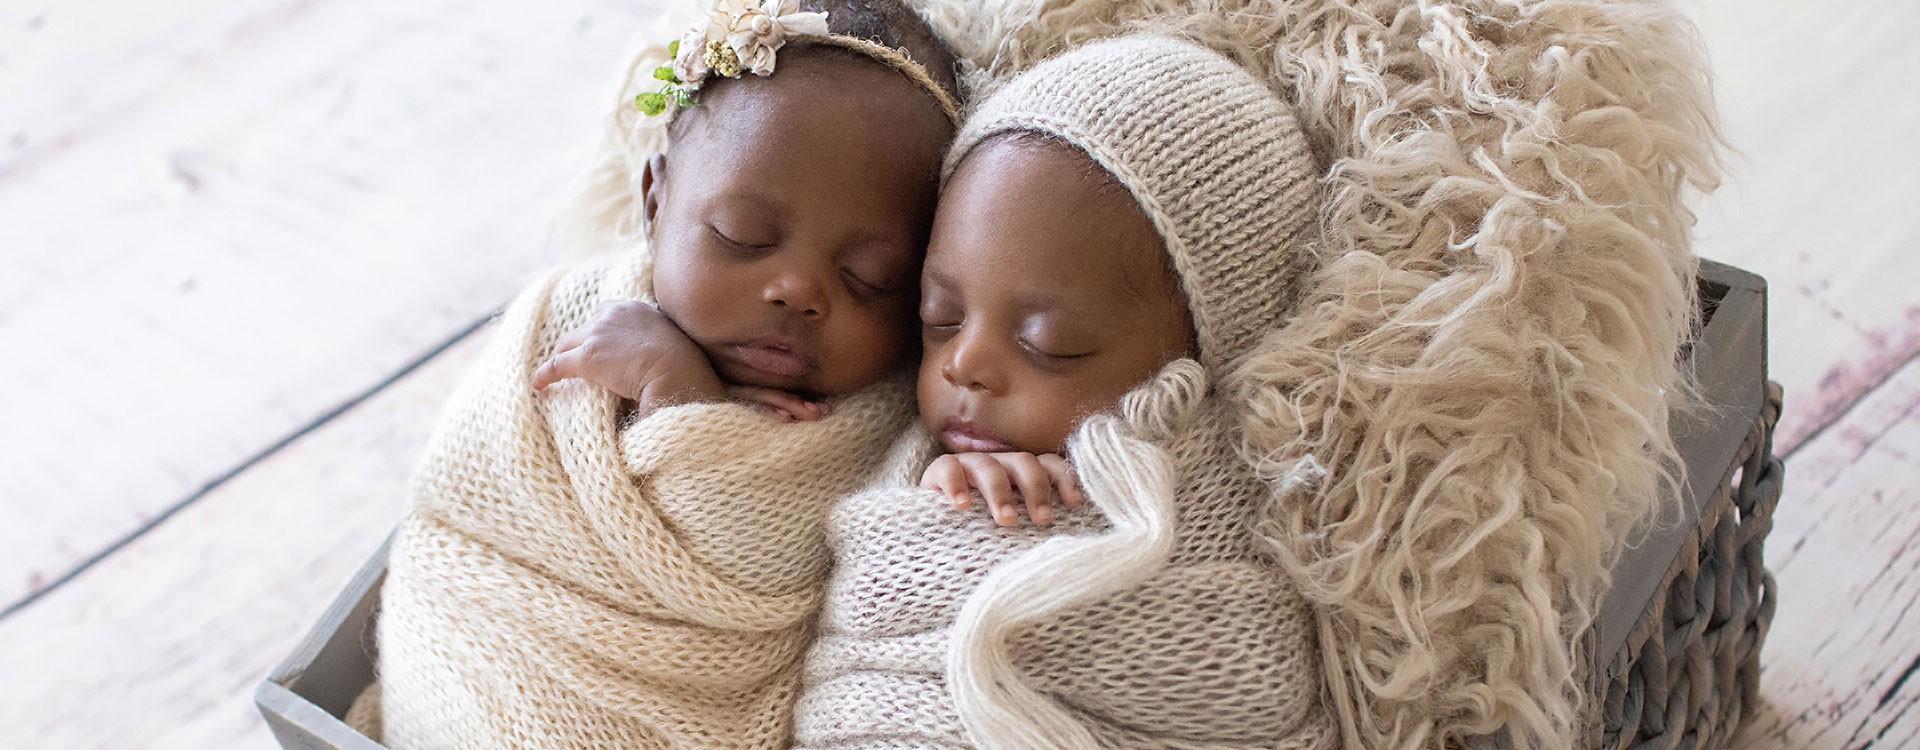 Newborn-Twins-White-and-Beige-blankets-2-6